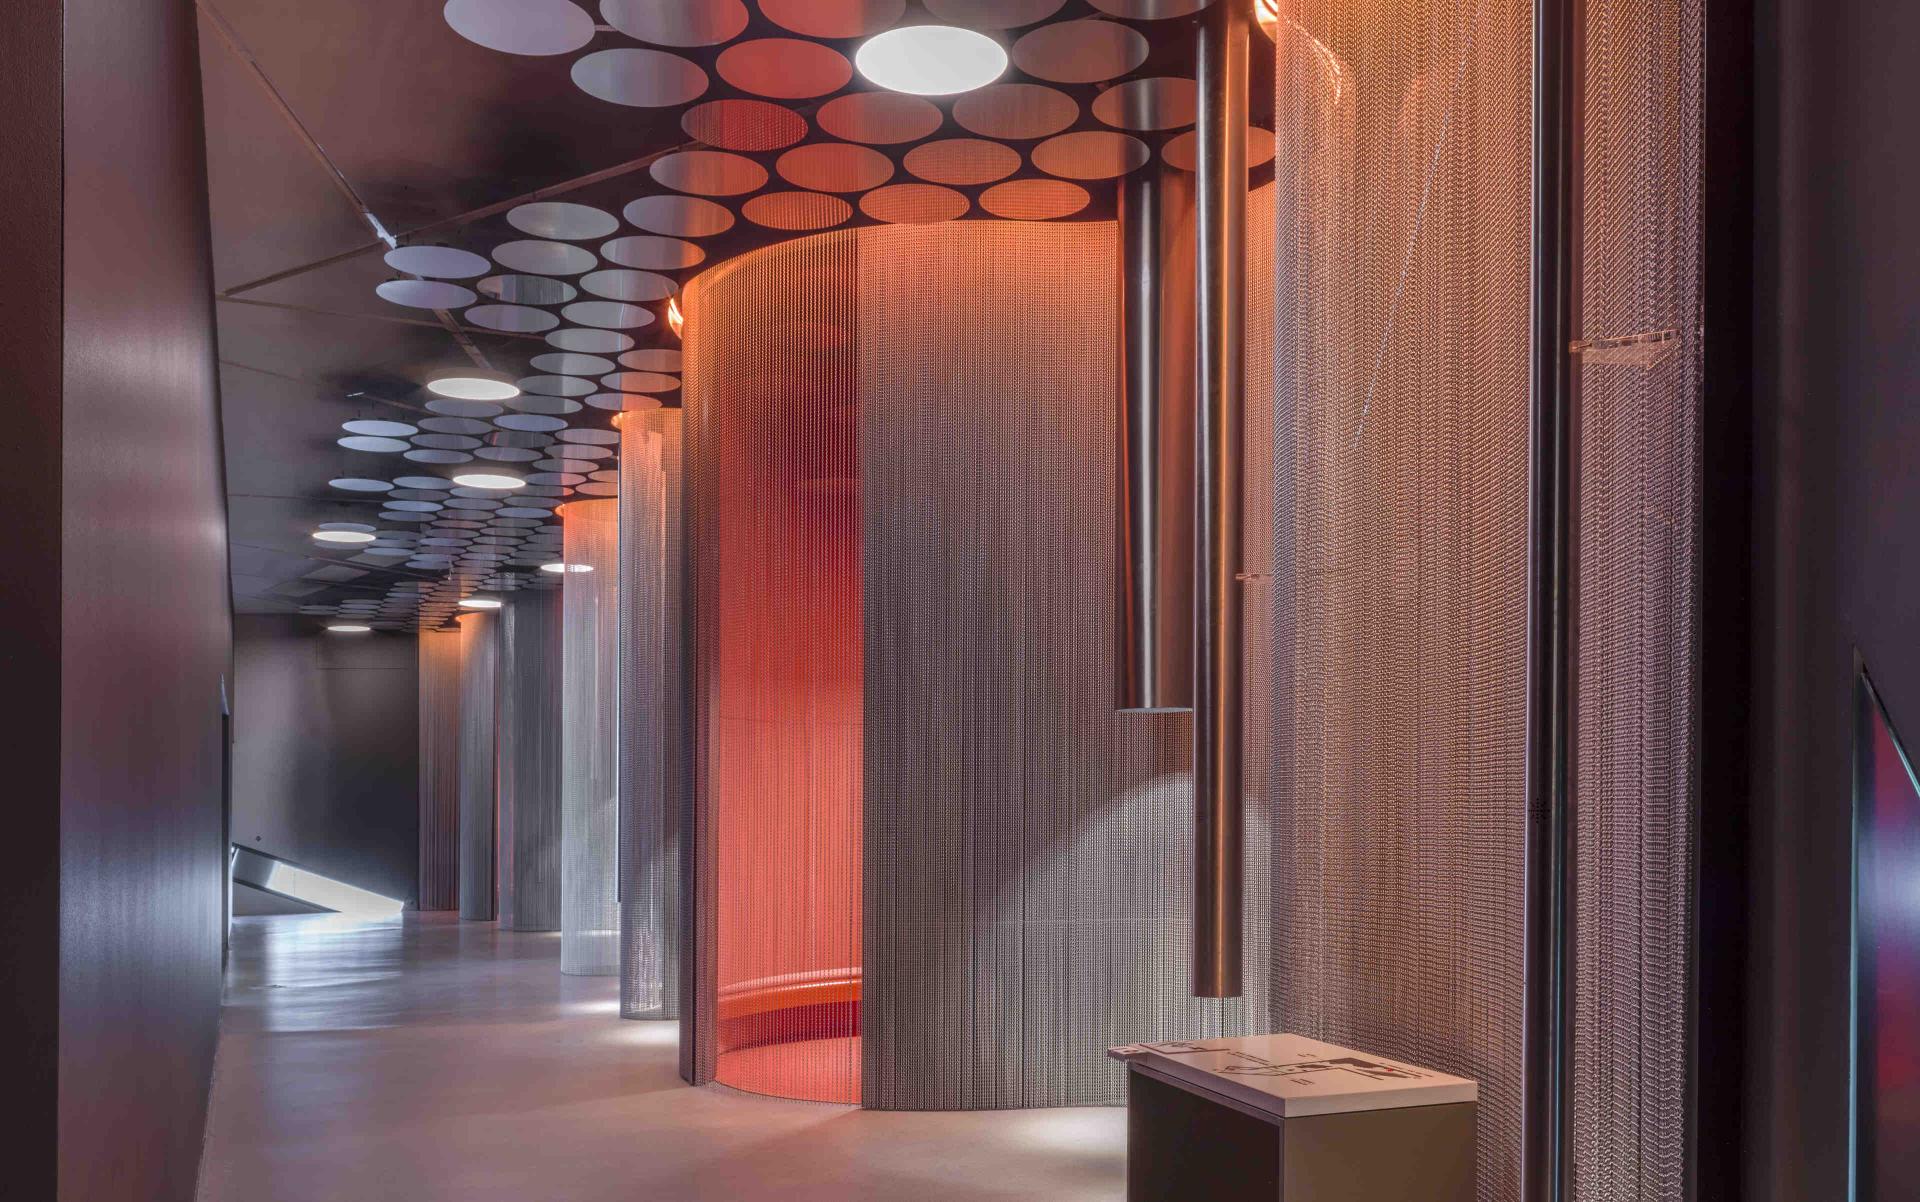 Ansicht Klangraum mit metallenen Vorhängen